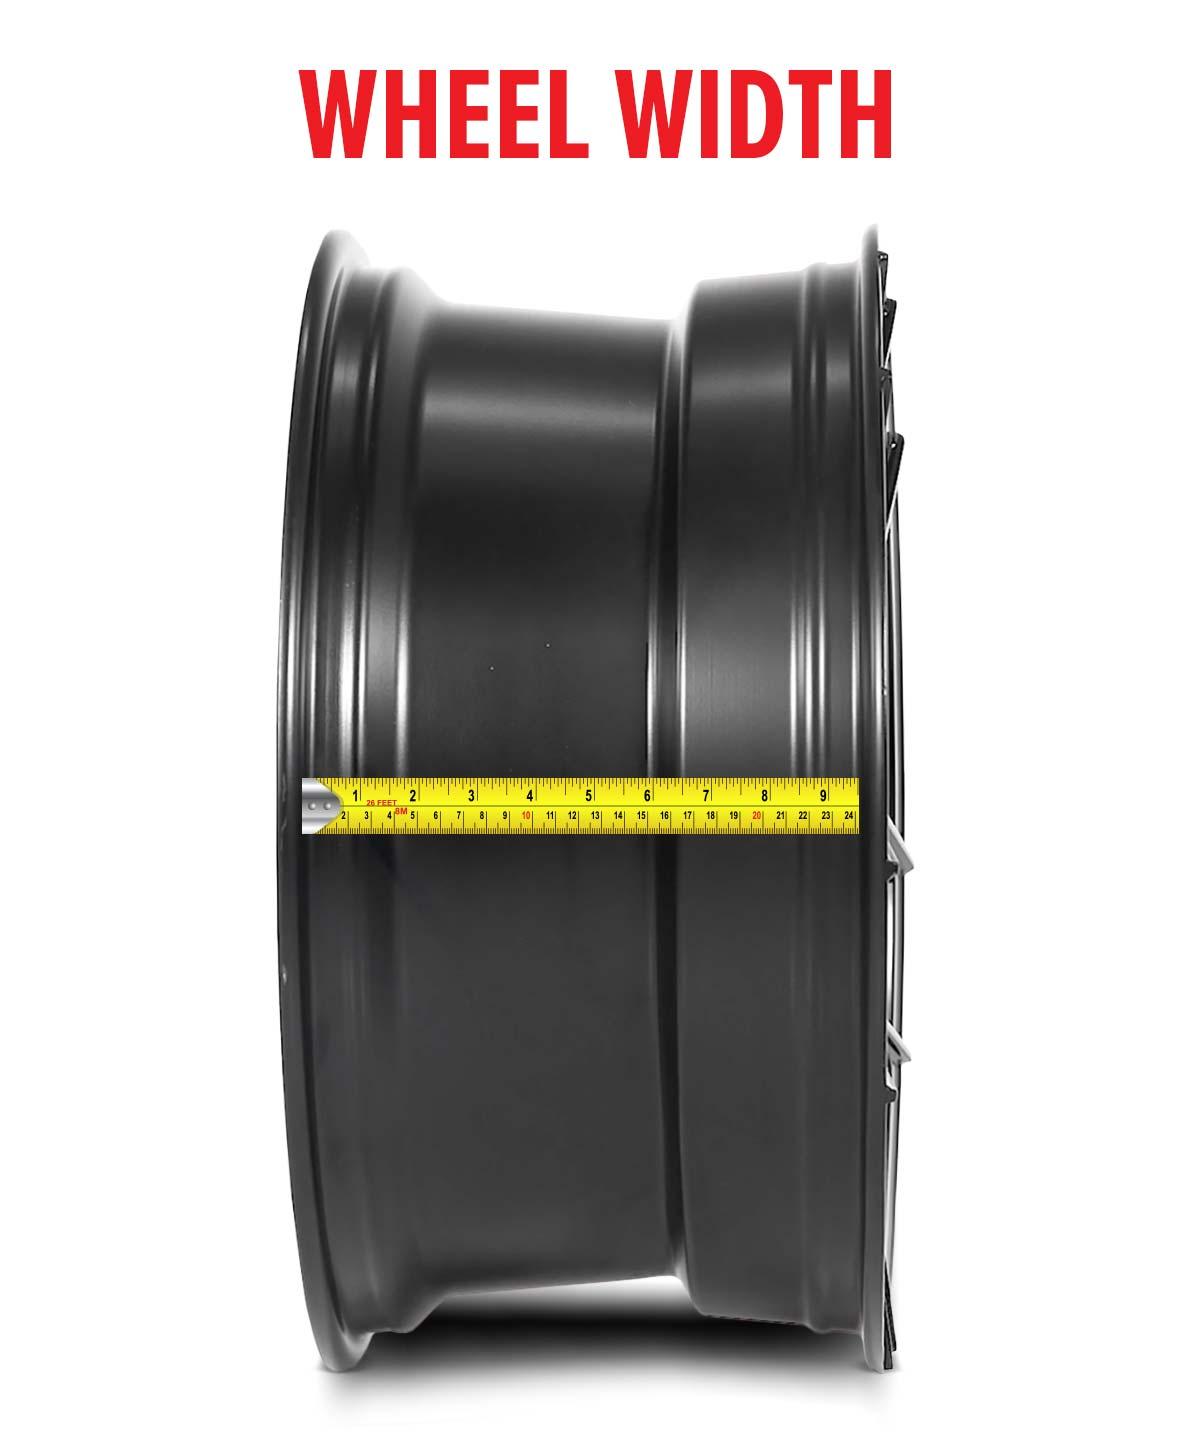 Wheel Width